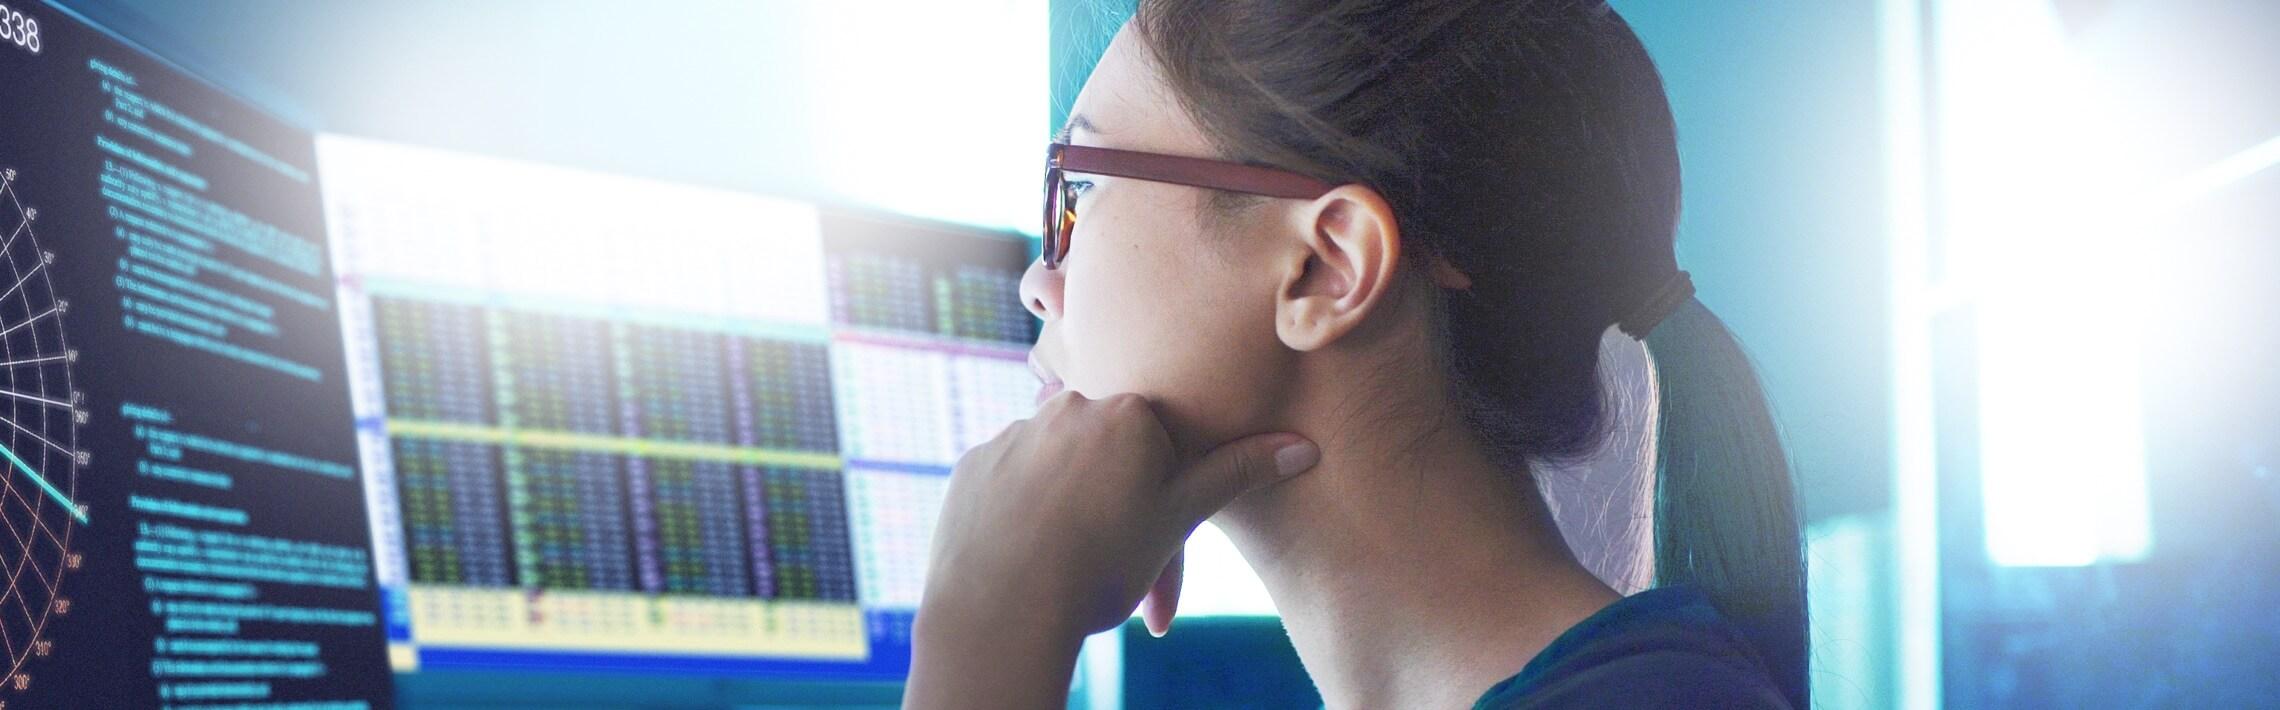 System Monitoring zur proaktiven Kontrolle Ihrer IT